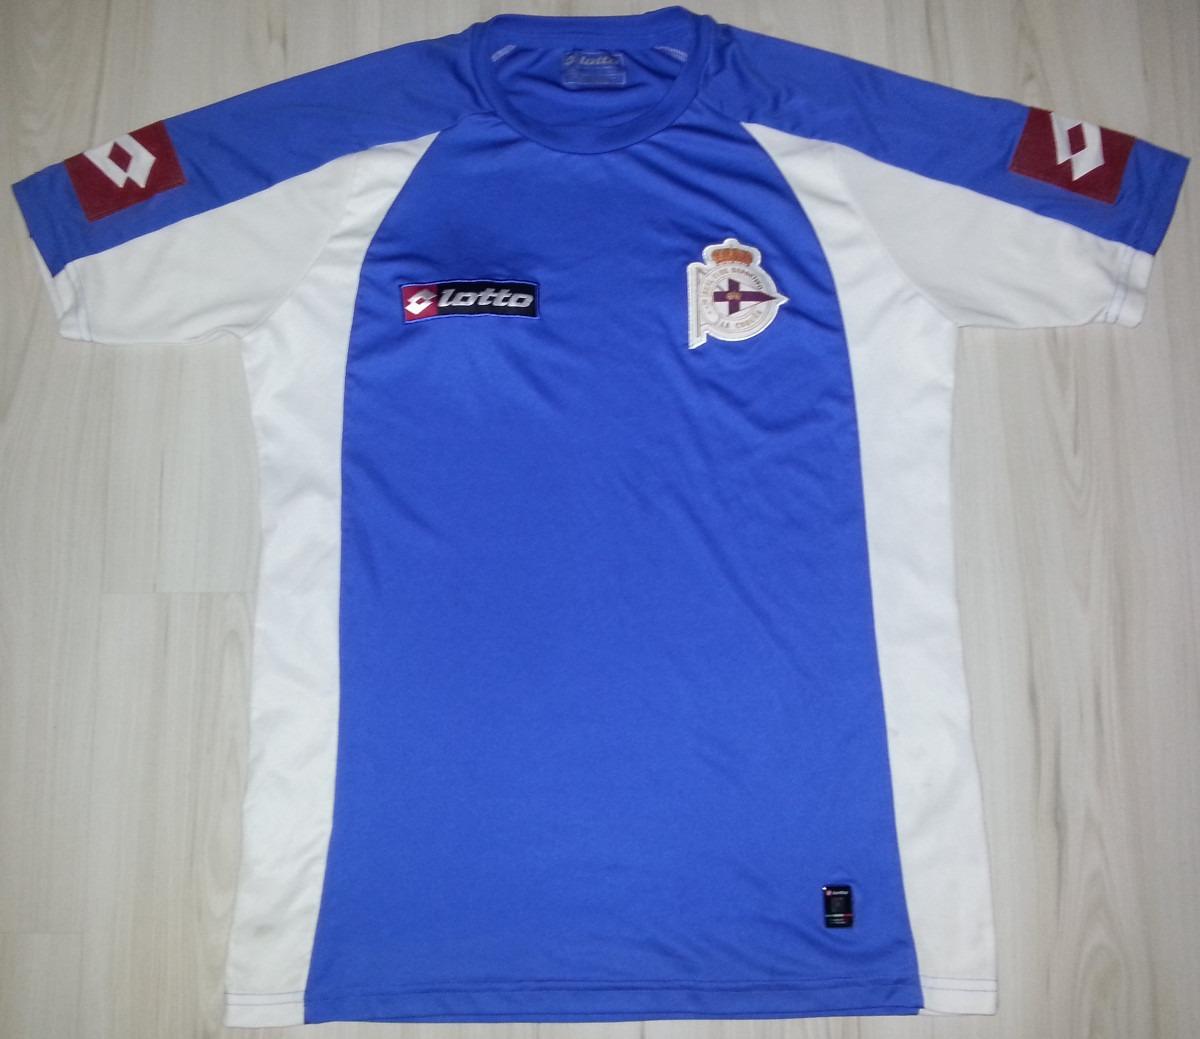 9cf72cadc Camisa Do Real Club Deportivo De La Coruña - Lotto Tam. G - R  74